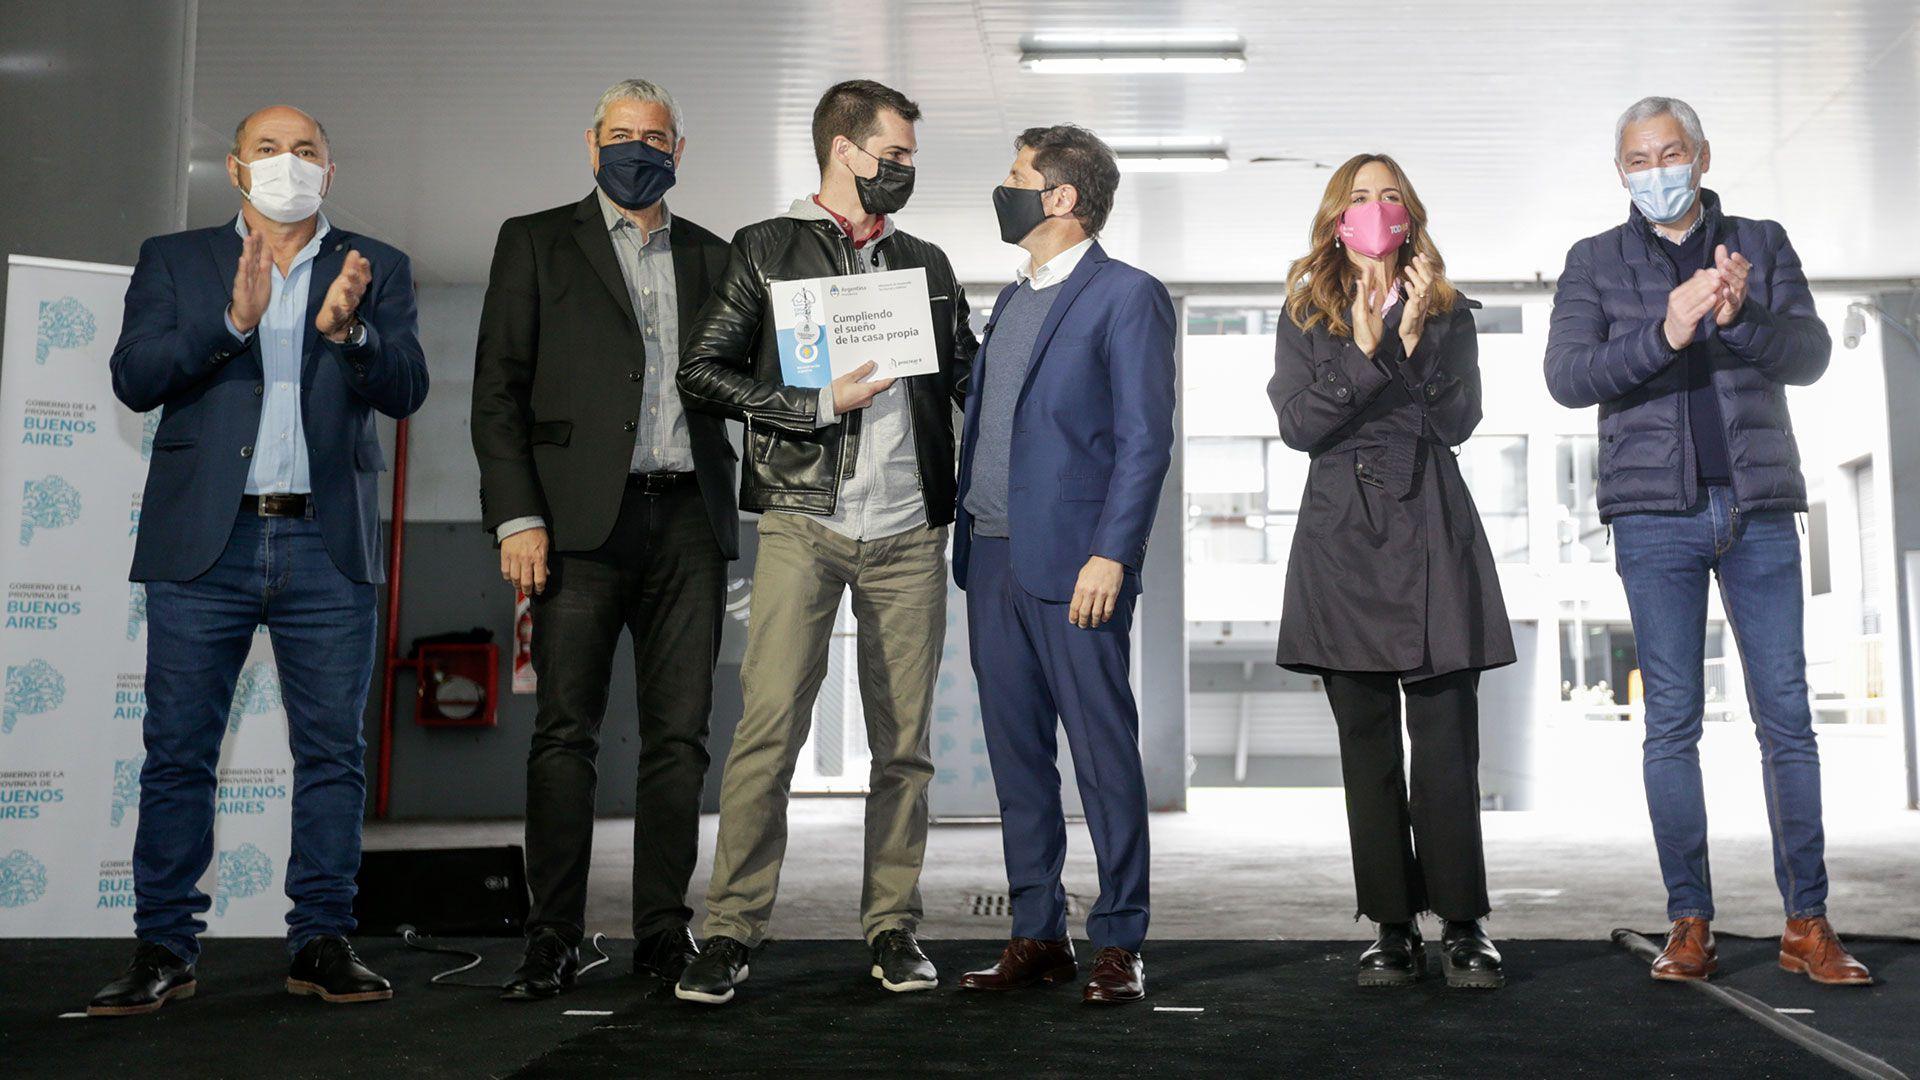 Axel Kicillof, Jorge Ferraresi y Victoria Tolosa Paz en entrega de Créditos